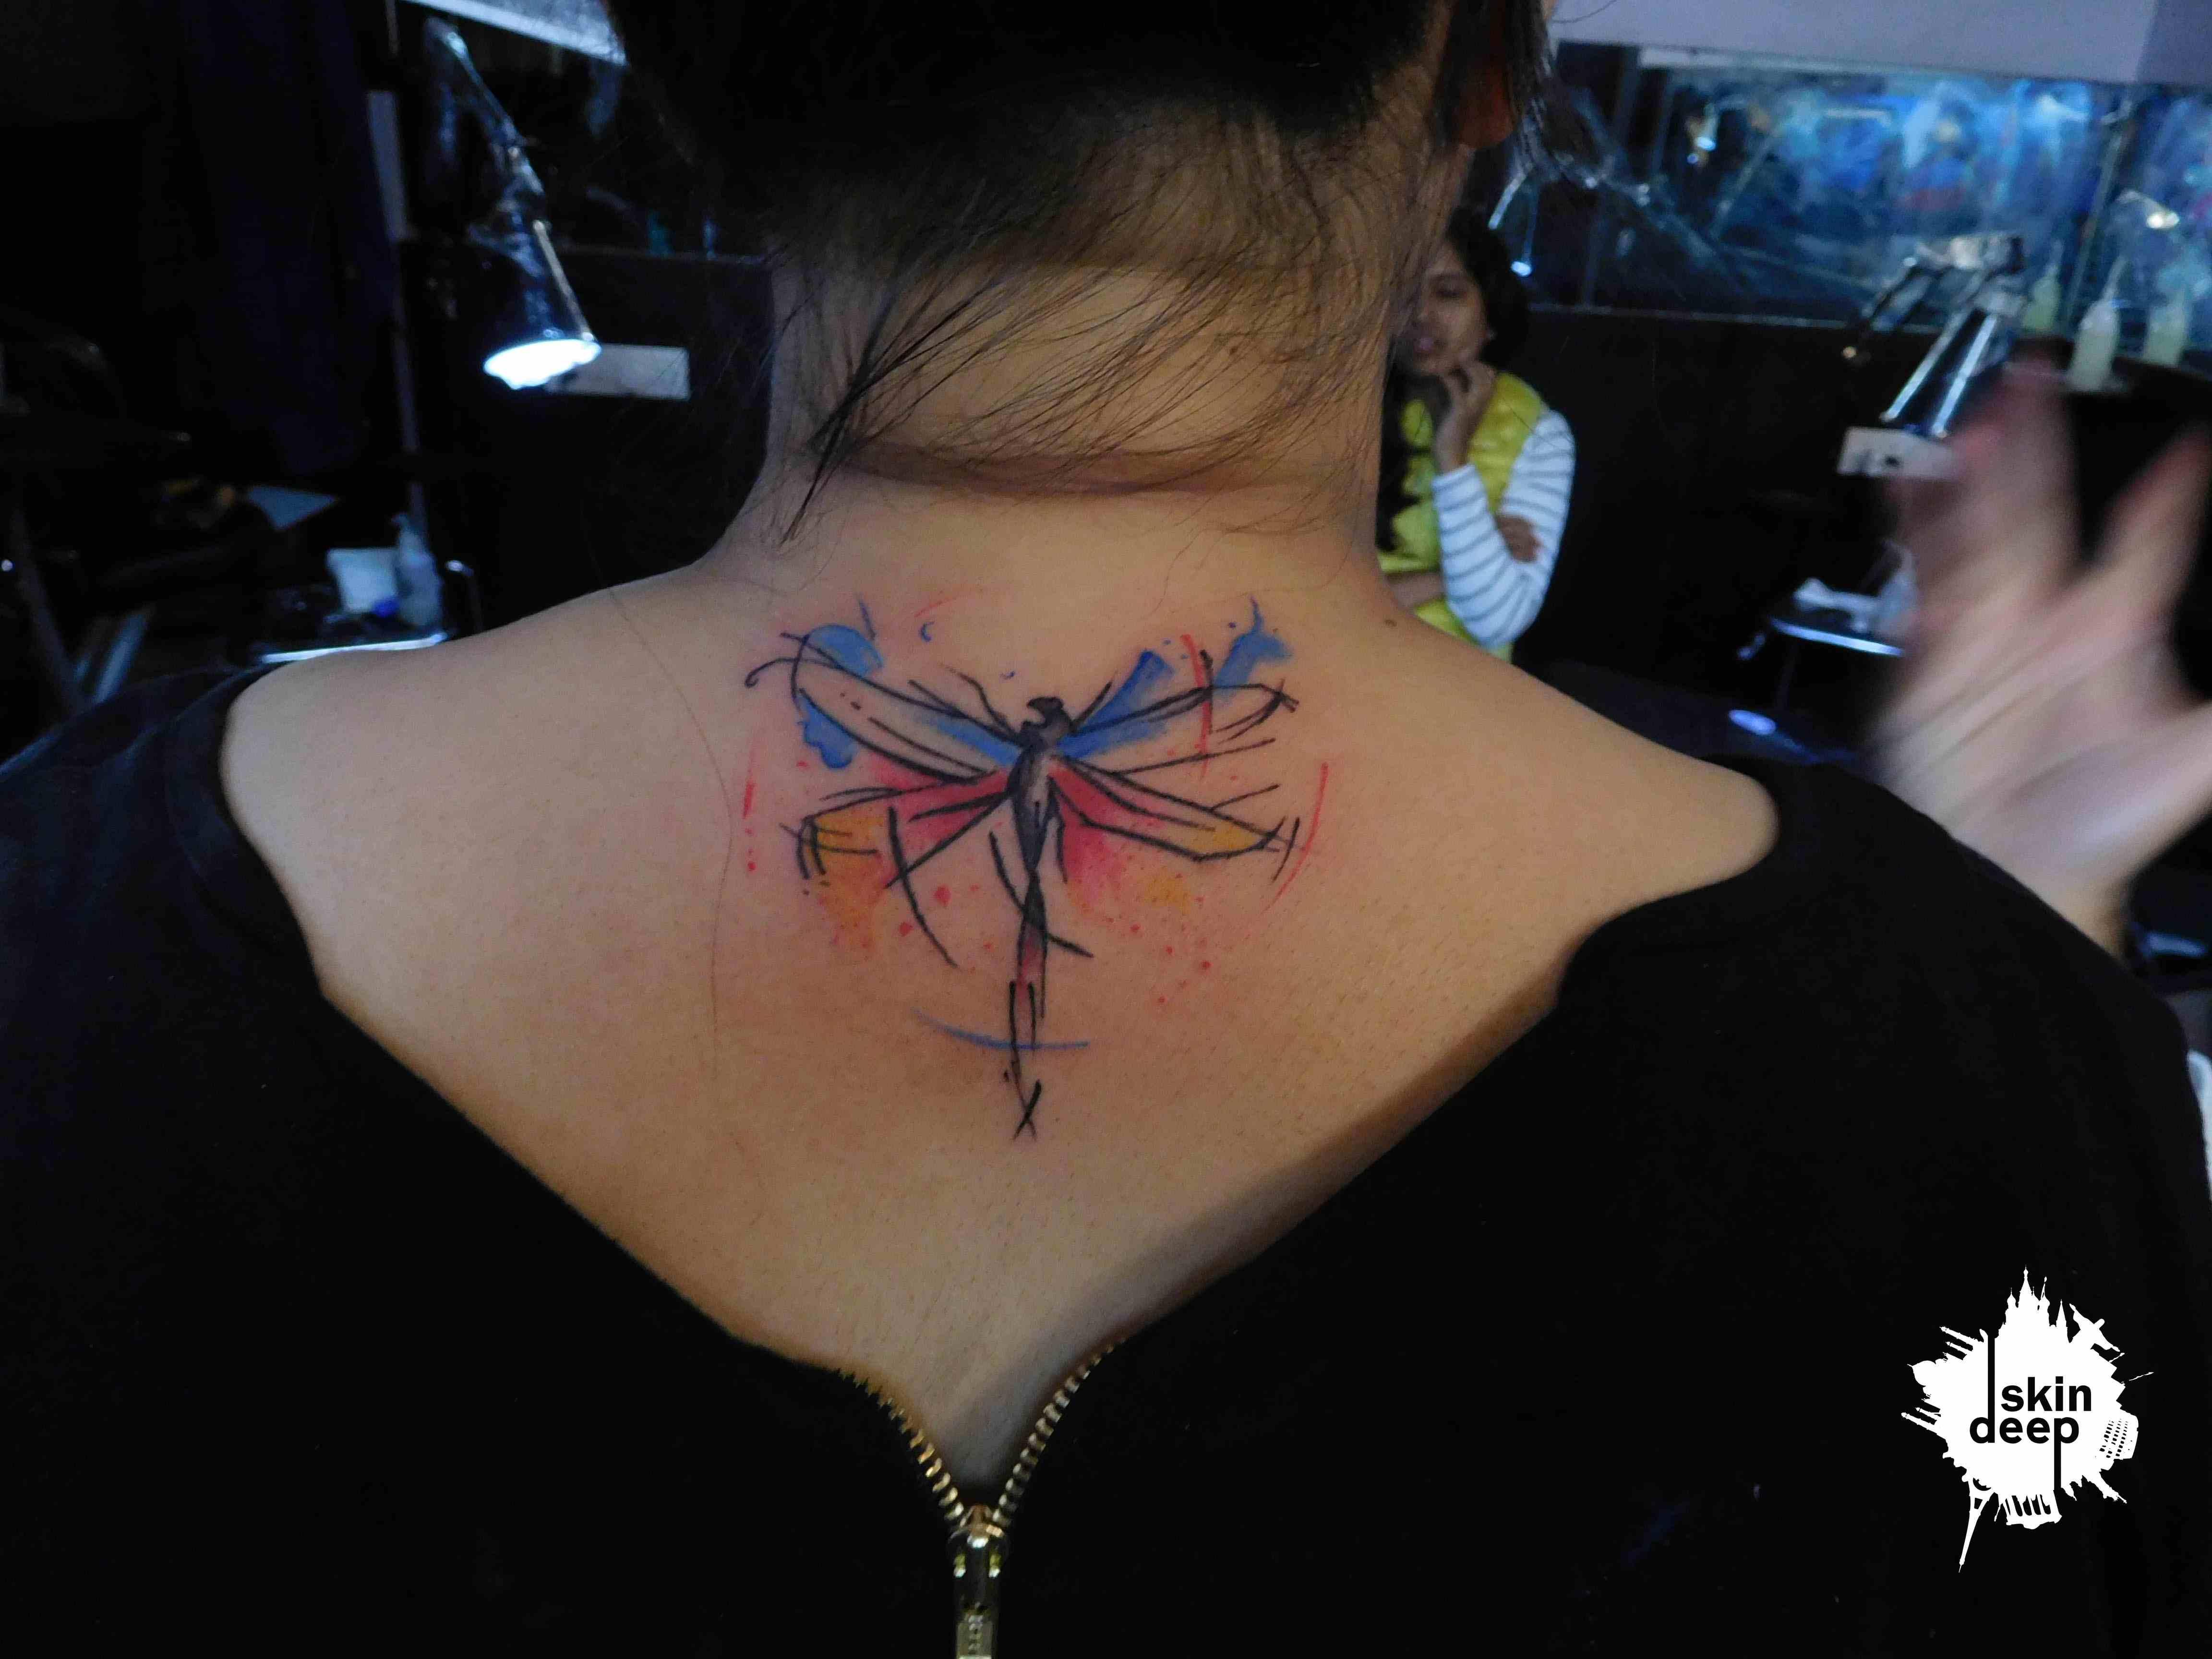 skindeep-tattoo-bangalore-back-design-color